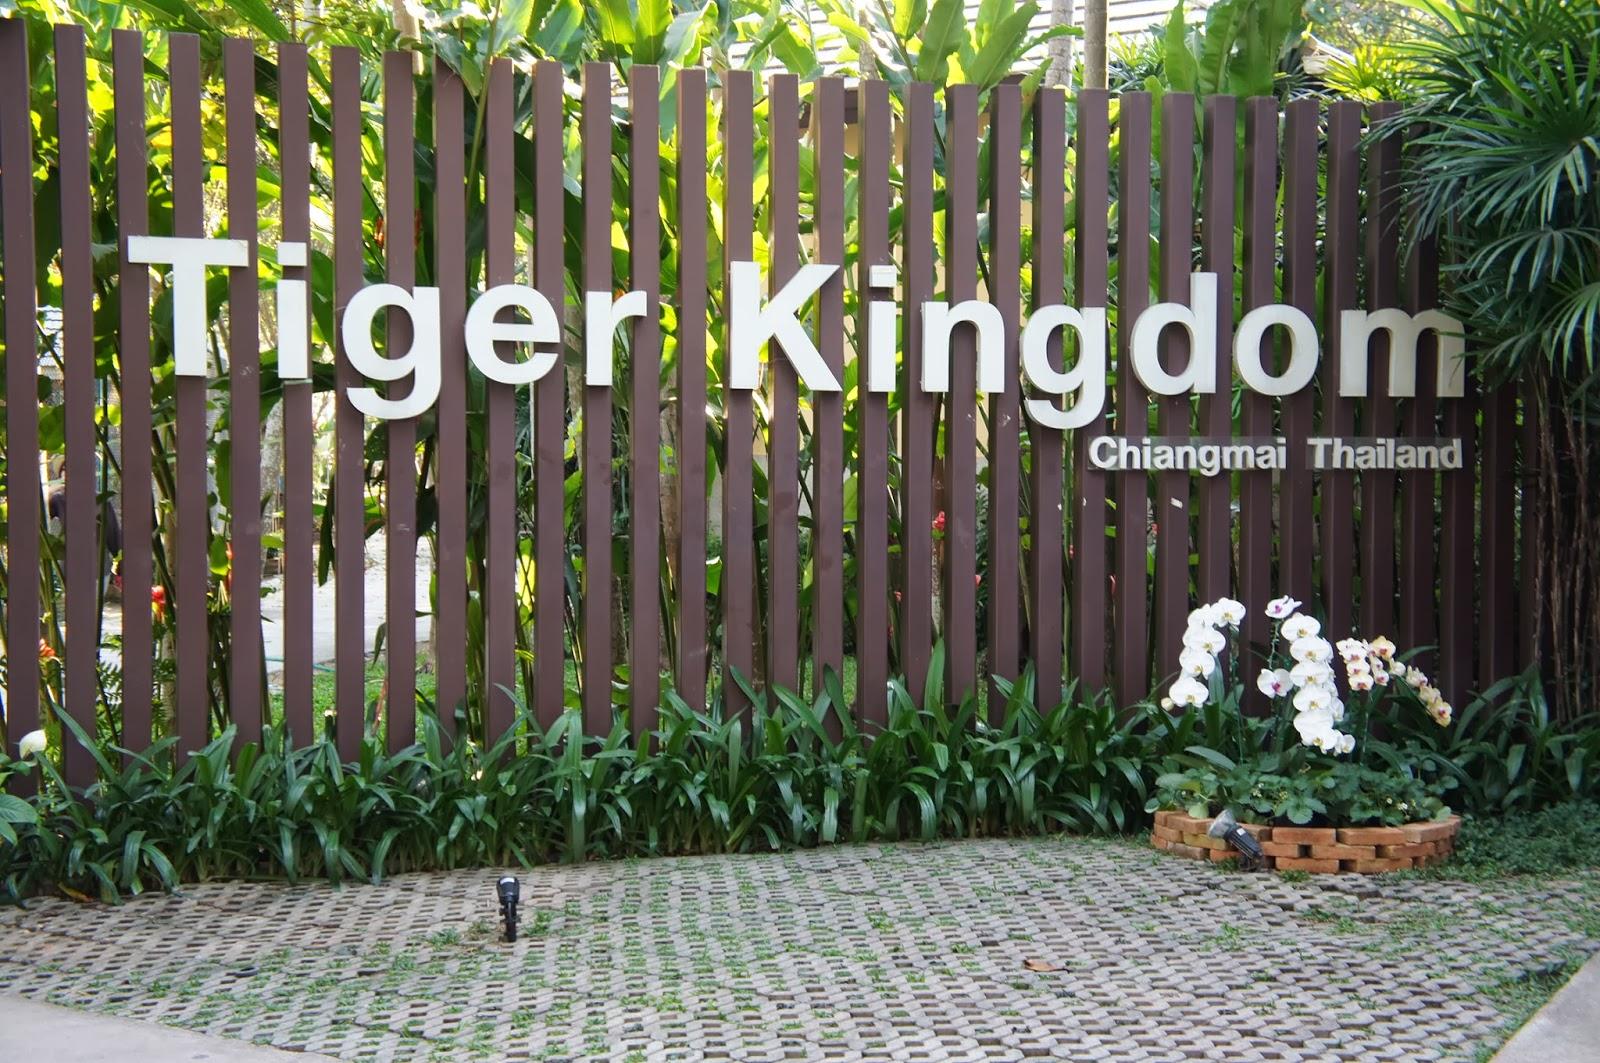 タイガーキングダム に対する画像結果